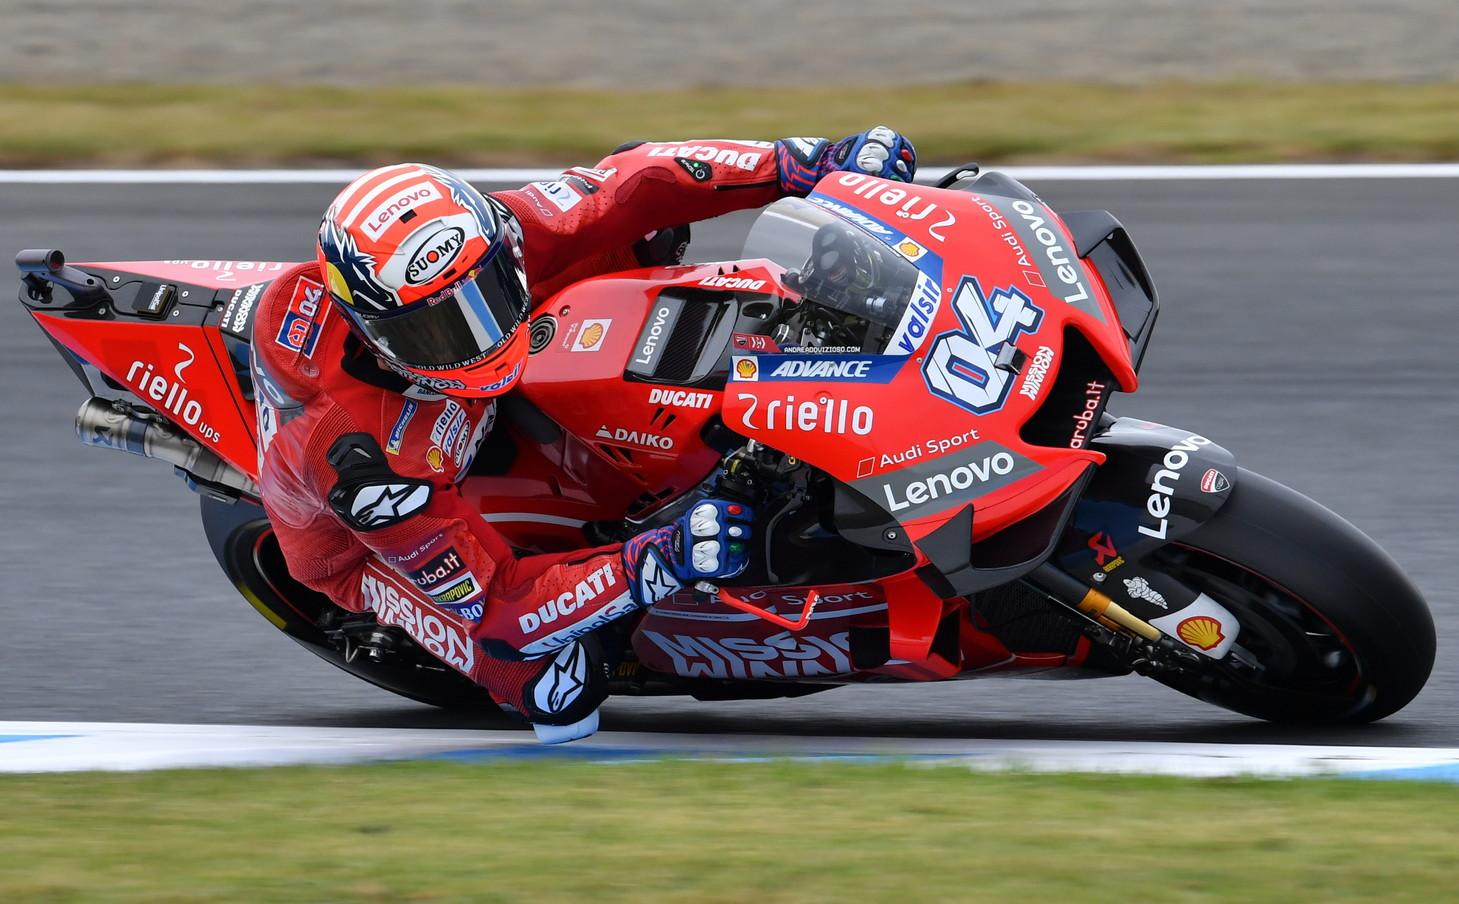 Venerdì di libere a Motegi, con Marquez già campione del mondo